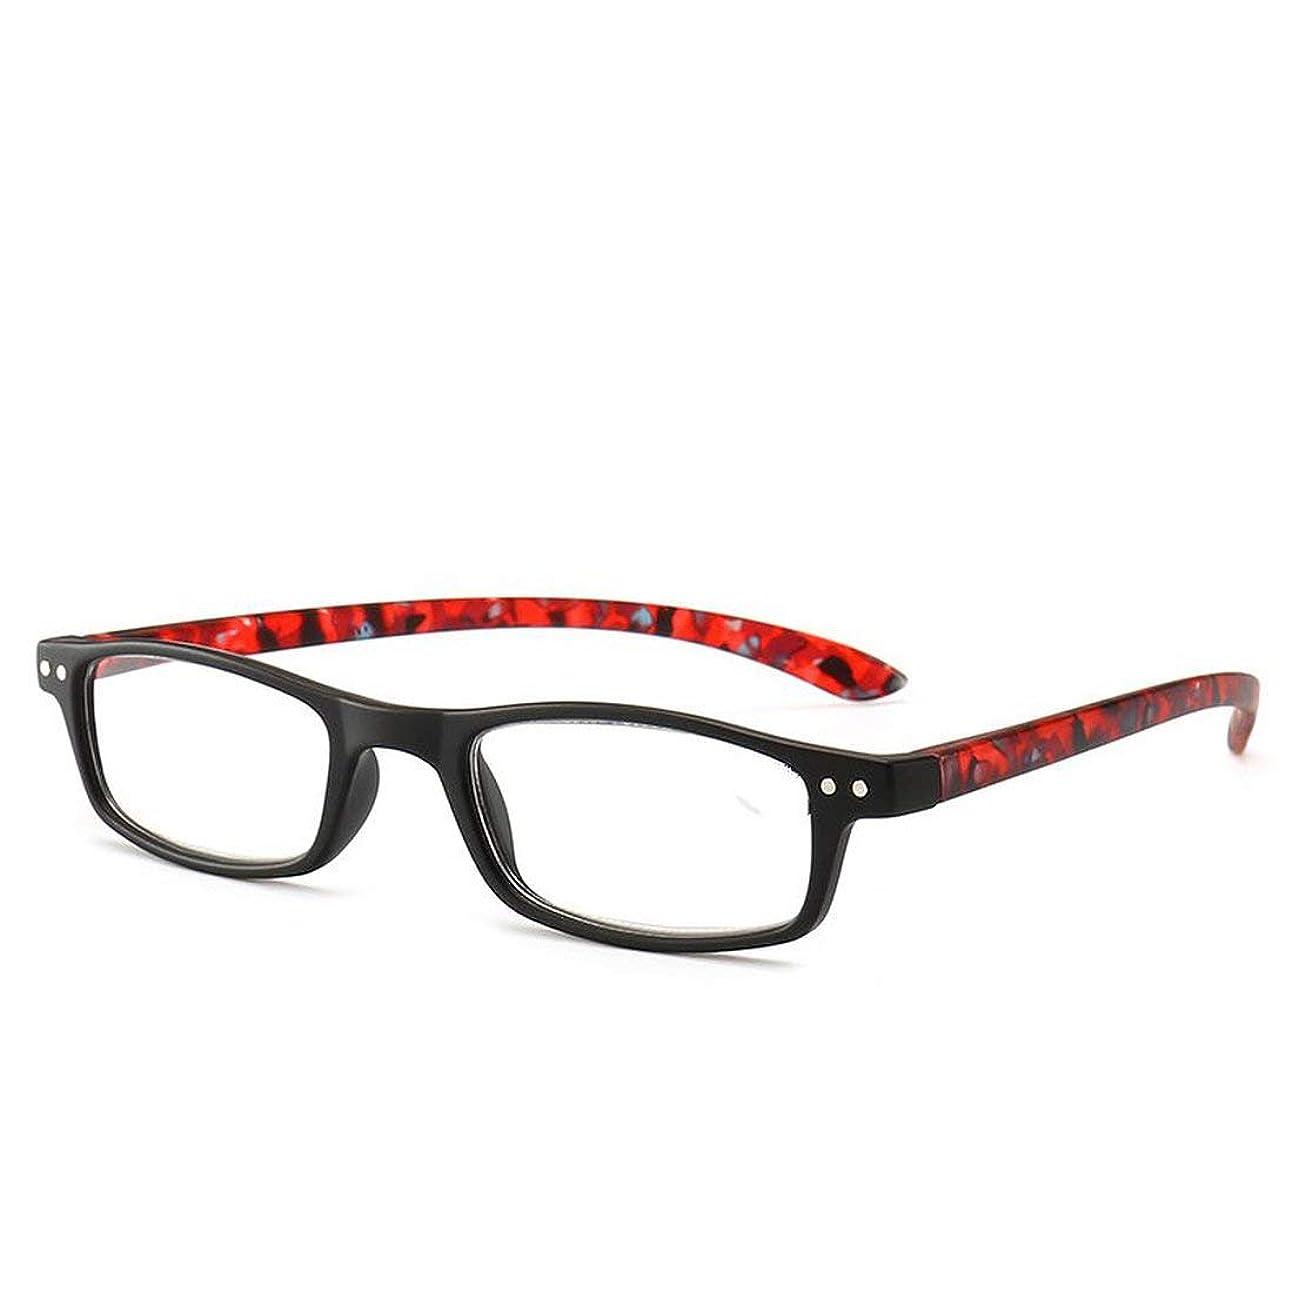 力リズム課すT128老眼鏡ジオプター+1.0?+4.0女性男性フルフレームラウンドレンズ老視メガネ超軽量抗疲労 (PandaWelly)